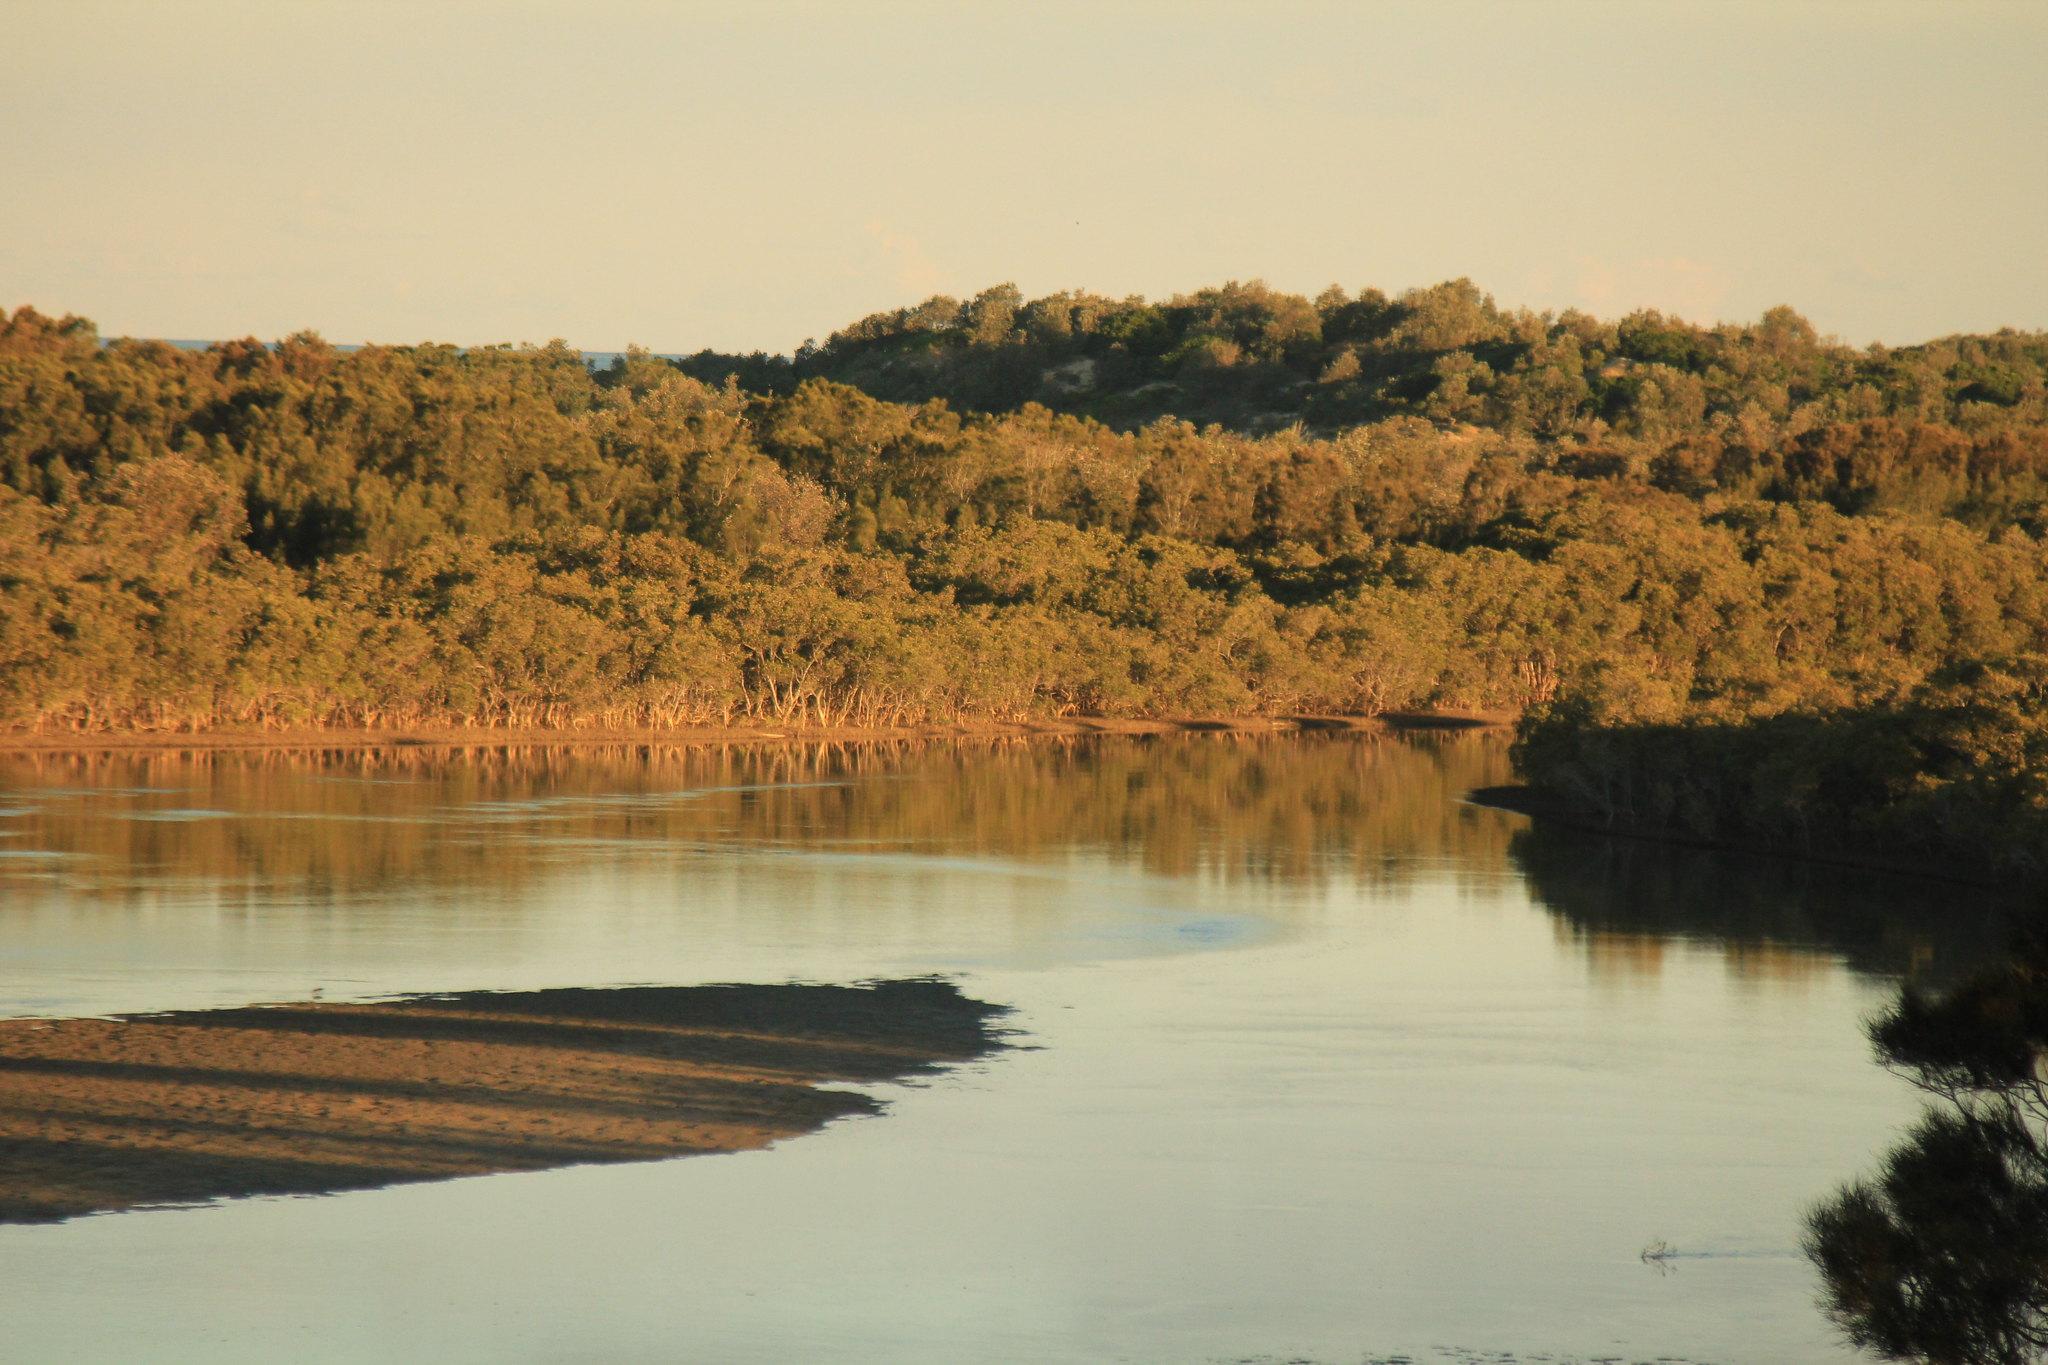 IMG 3232 Lagoon at Urunga NSW